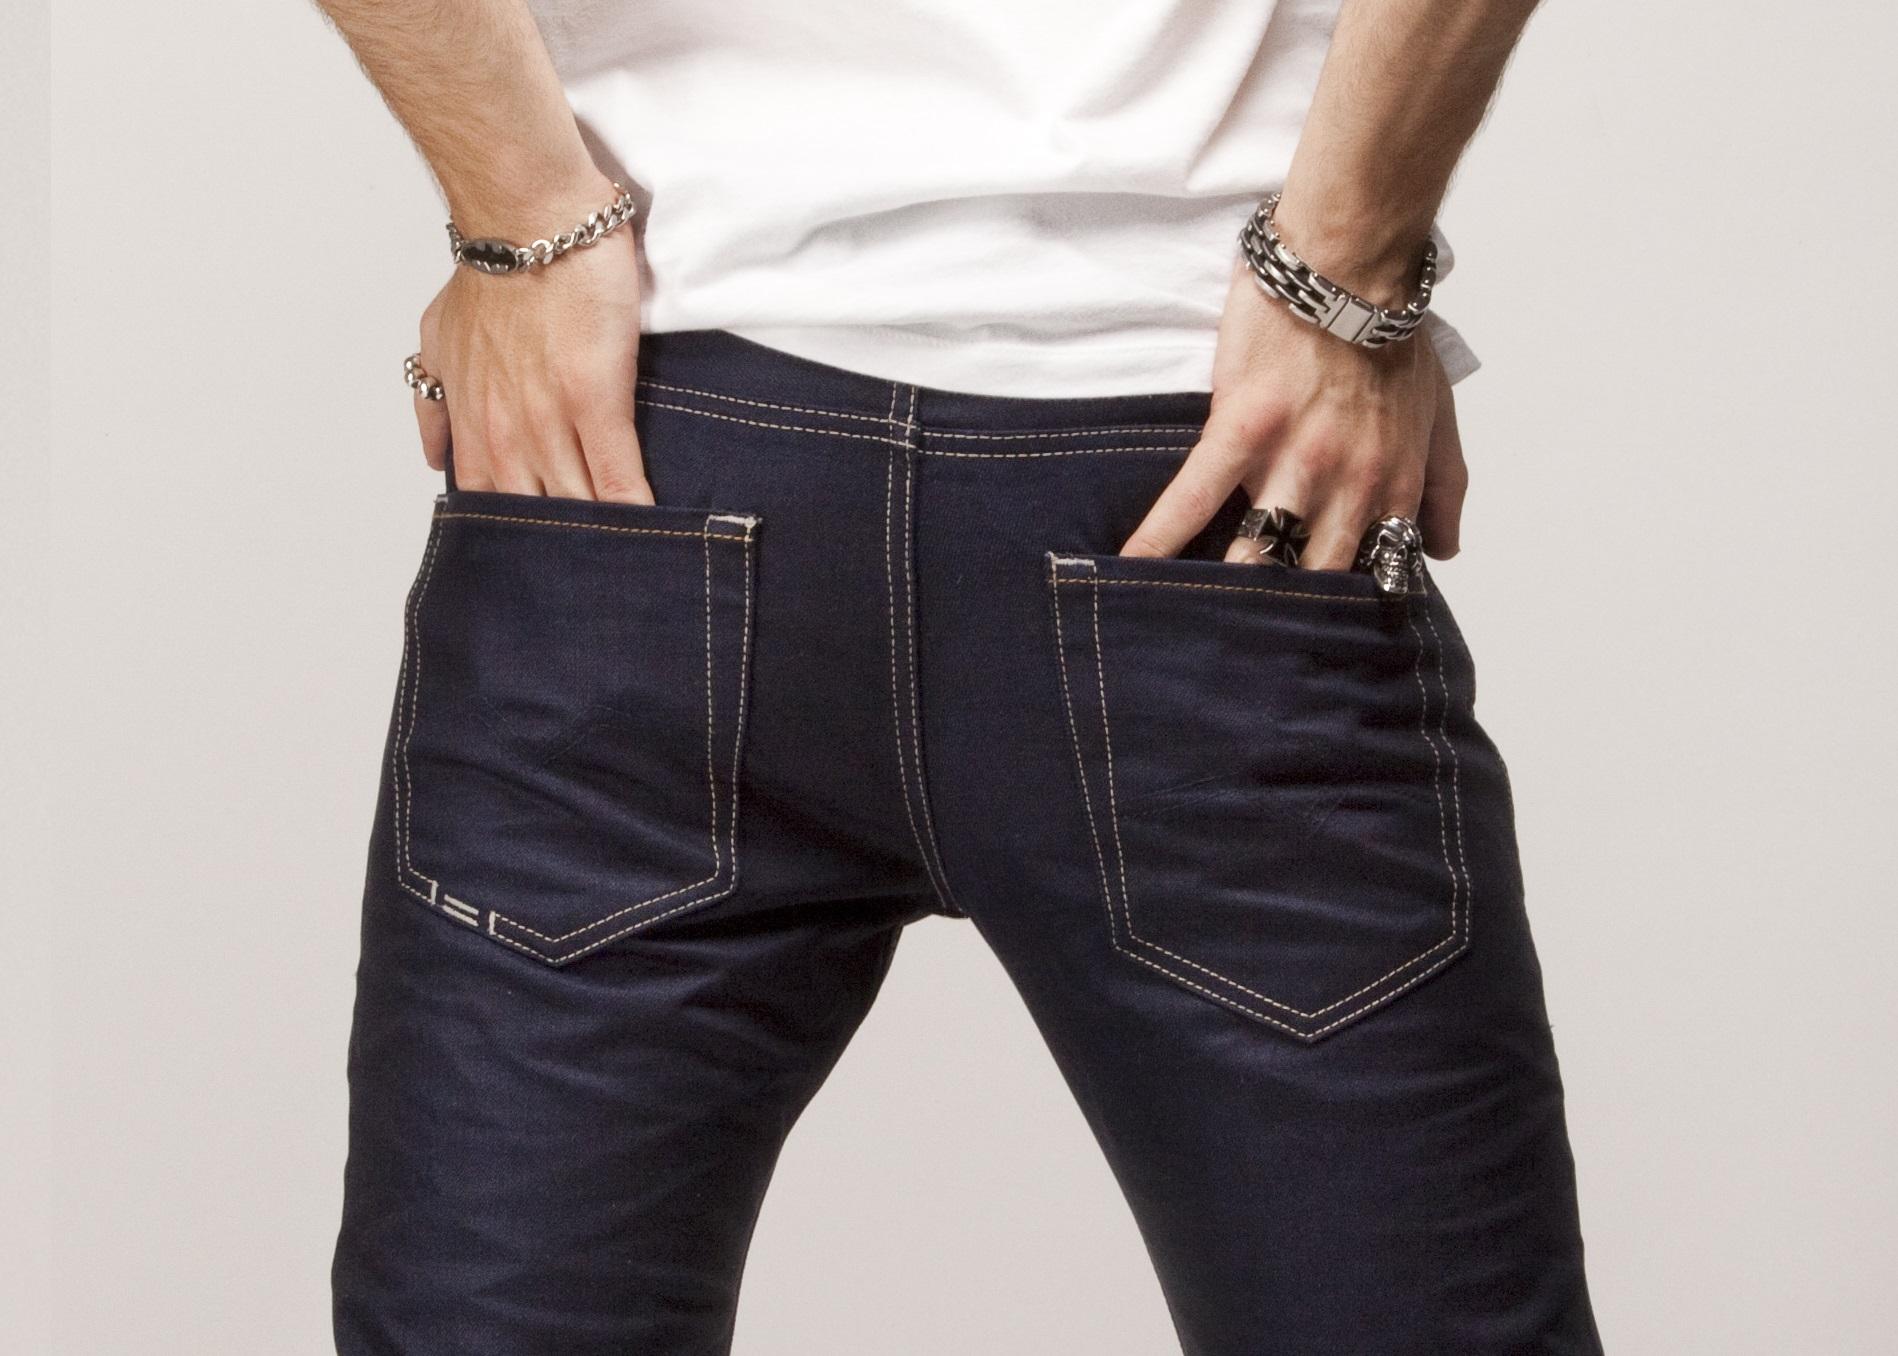 Как подобрать классические мужские джинсы